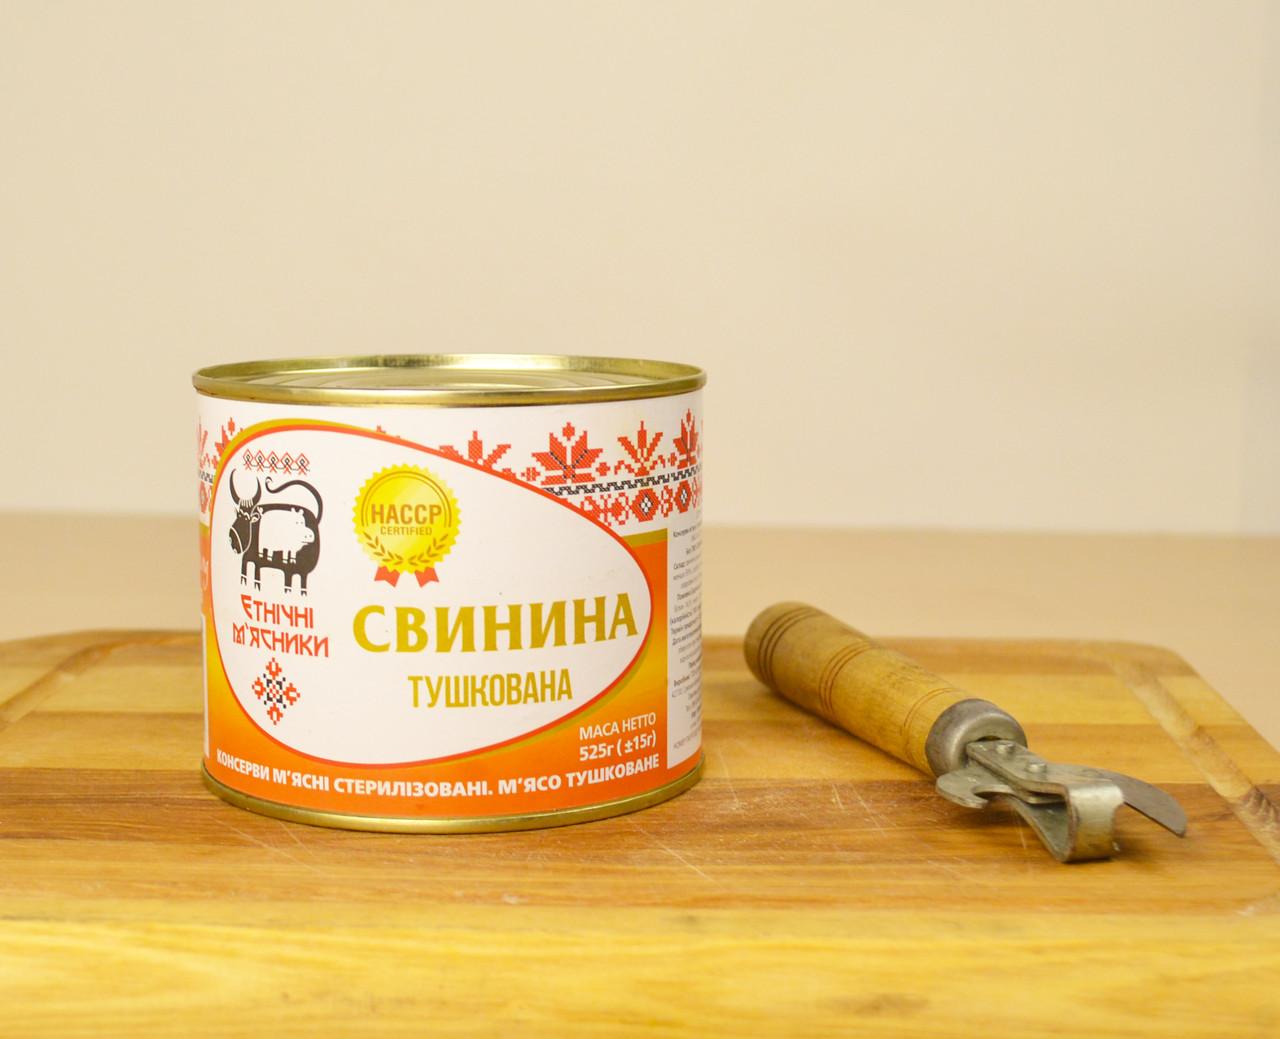 Свинина тушеная 525 г Этнические мясники